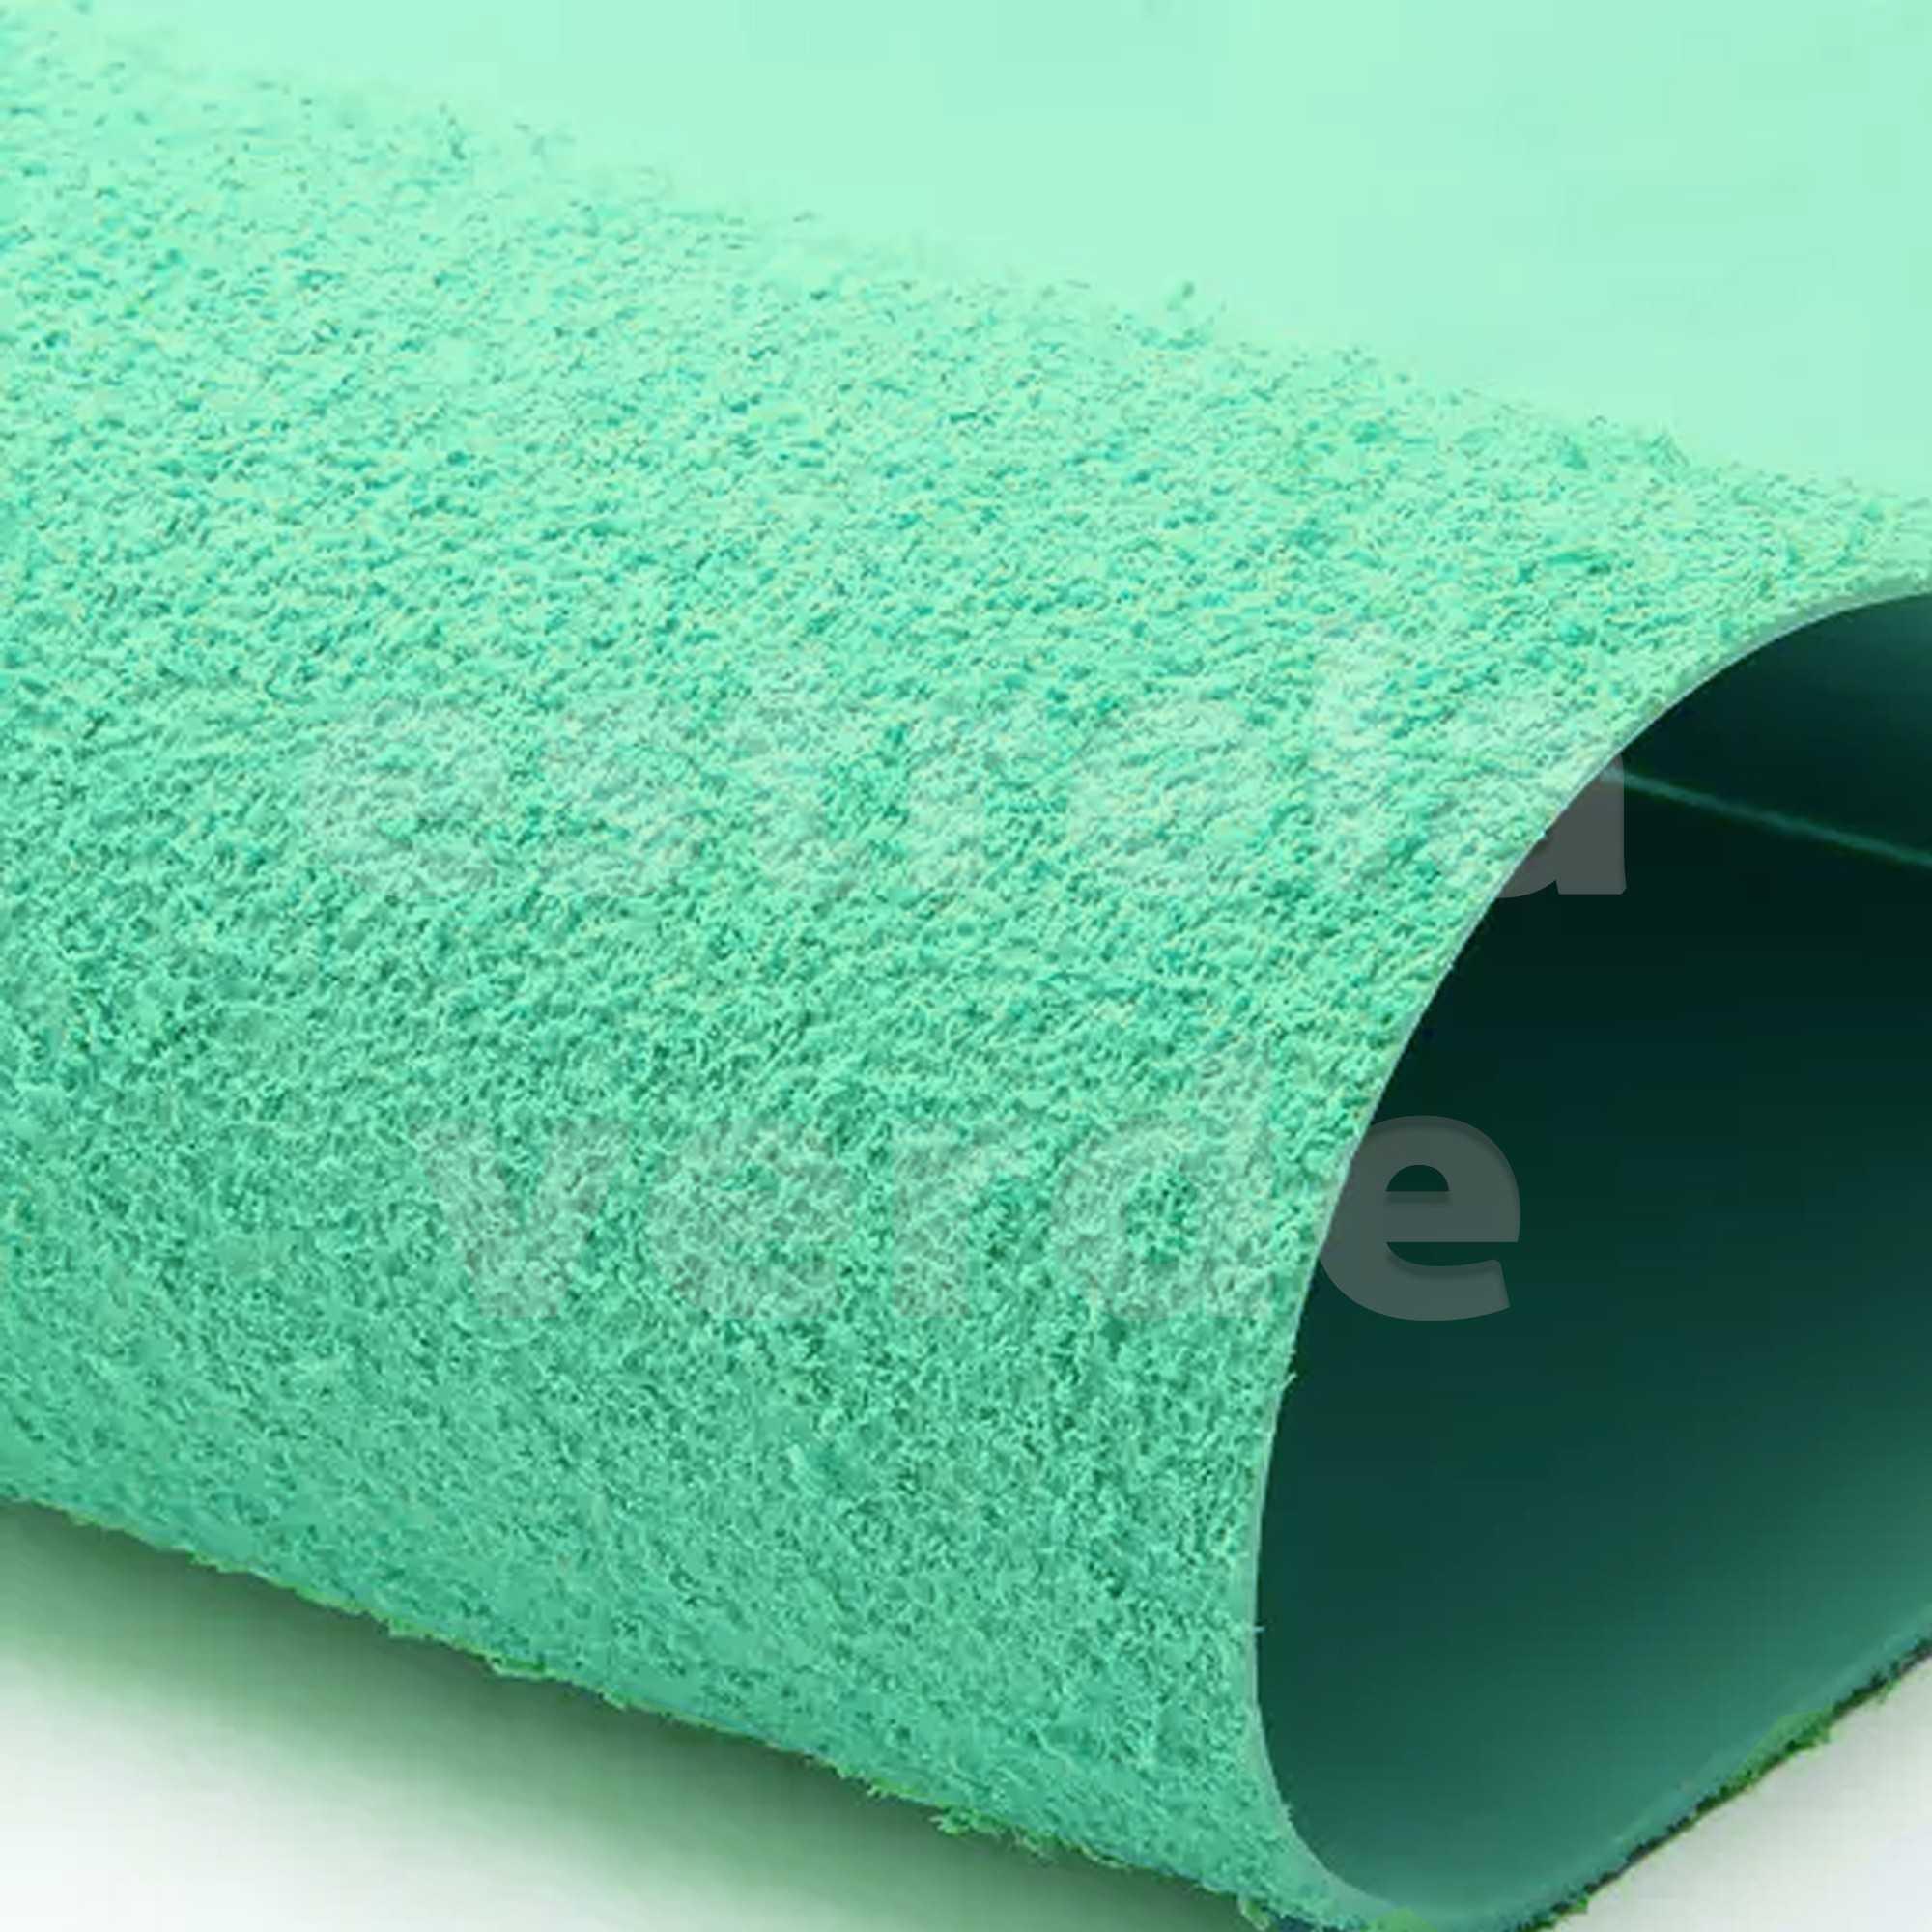 EVA ATOALHADO 40X60 VERDE CLARO 2MM  - Estrela Verde